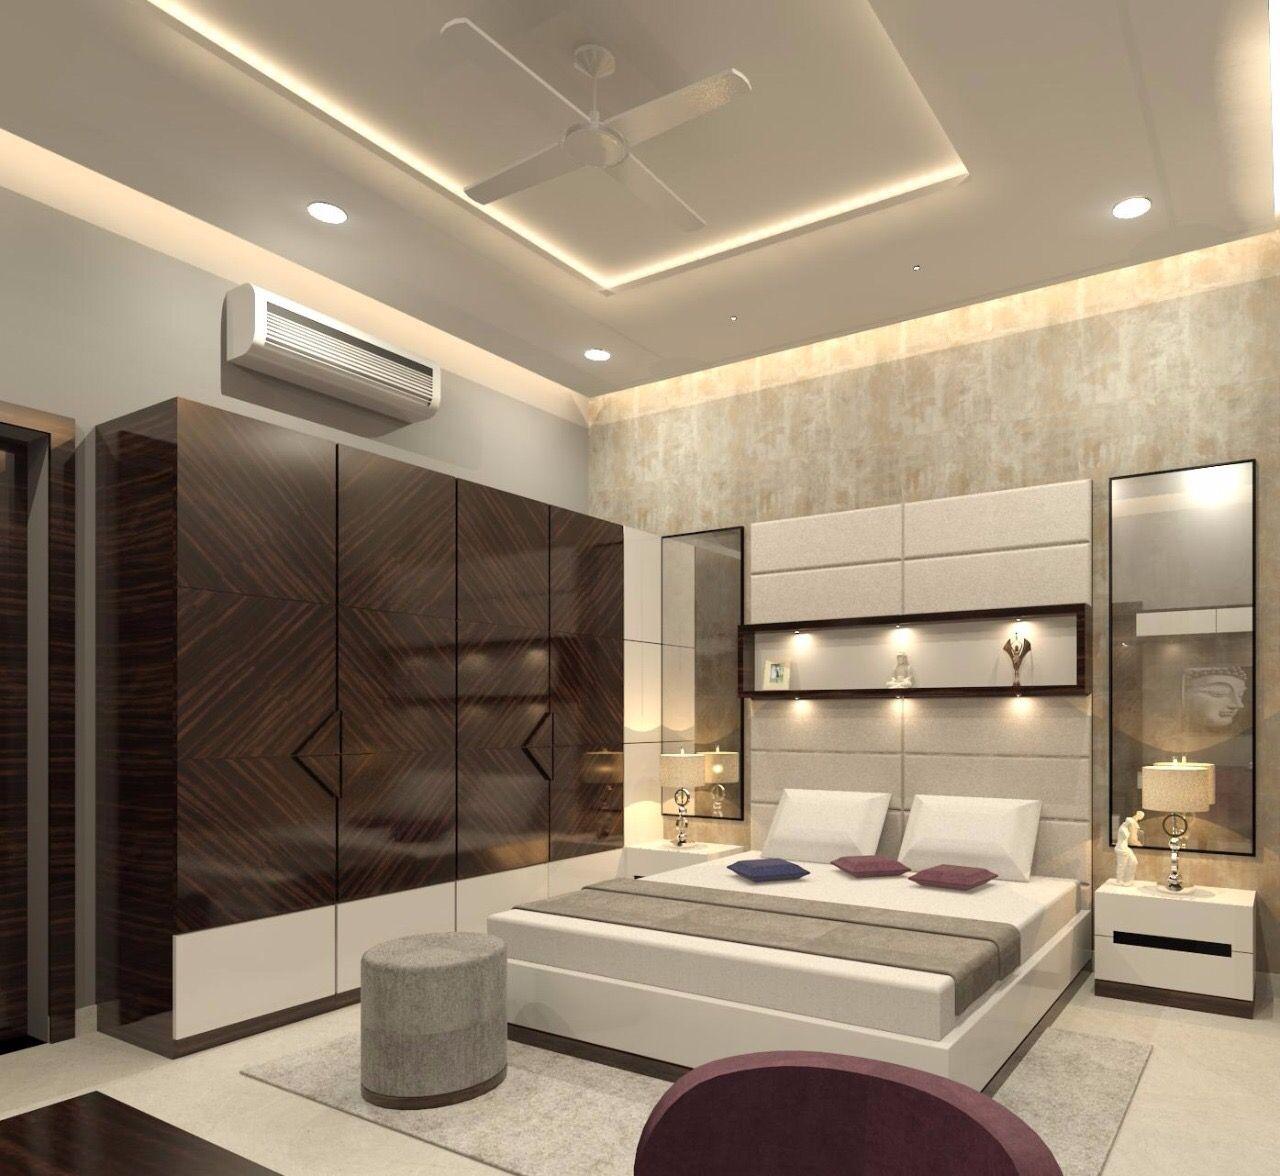 Bedroom Modern Bedroom Interior Luxury Bedroom Design Bedroom